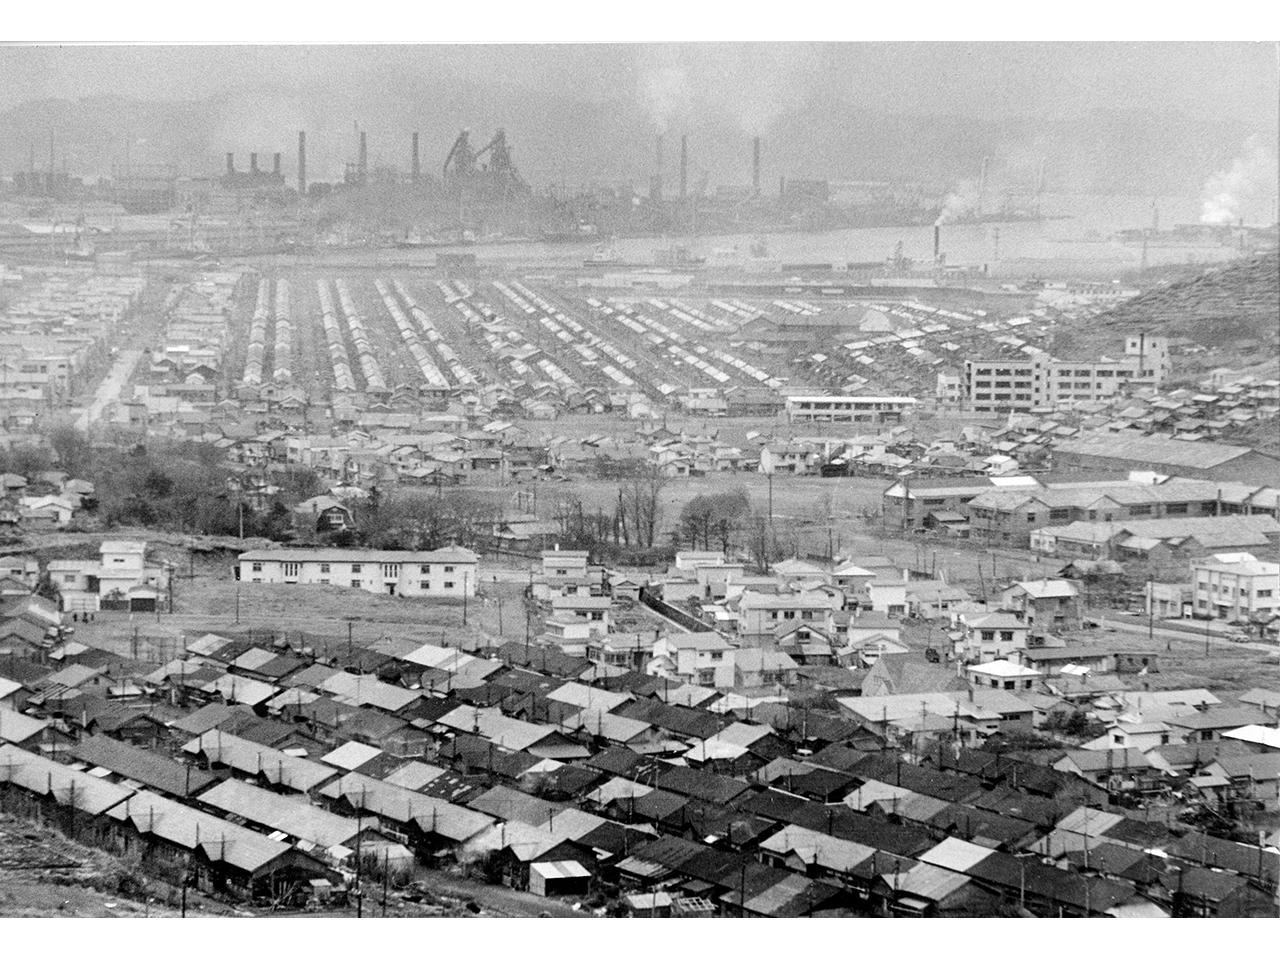 画像:工場景観と企業城下町のまちなみ(7)